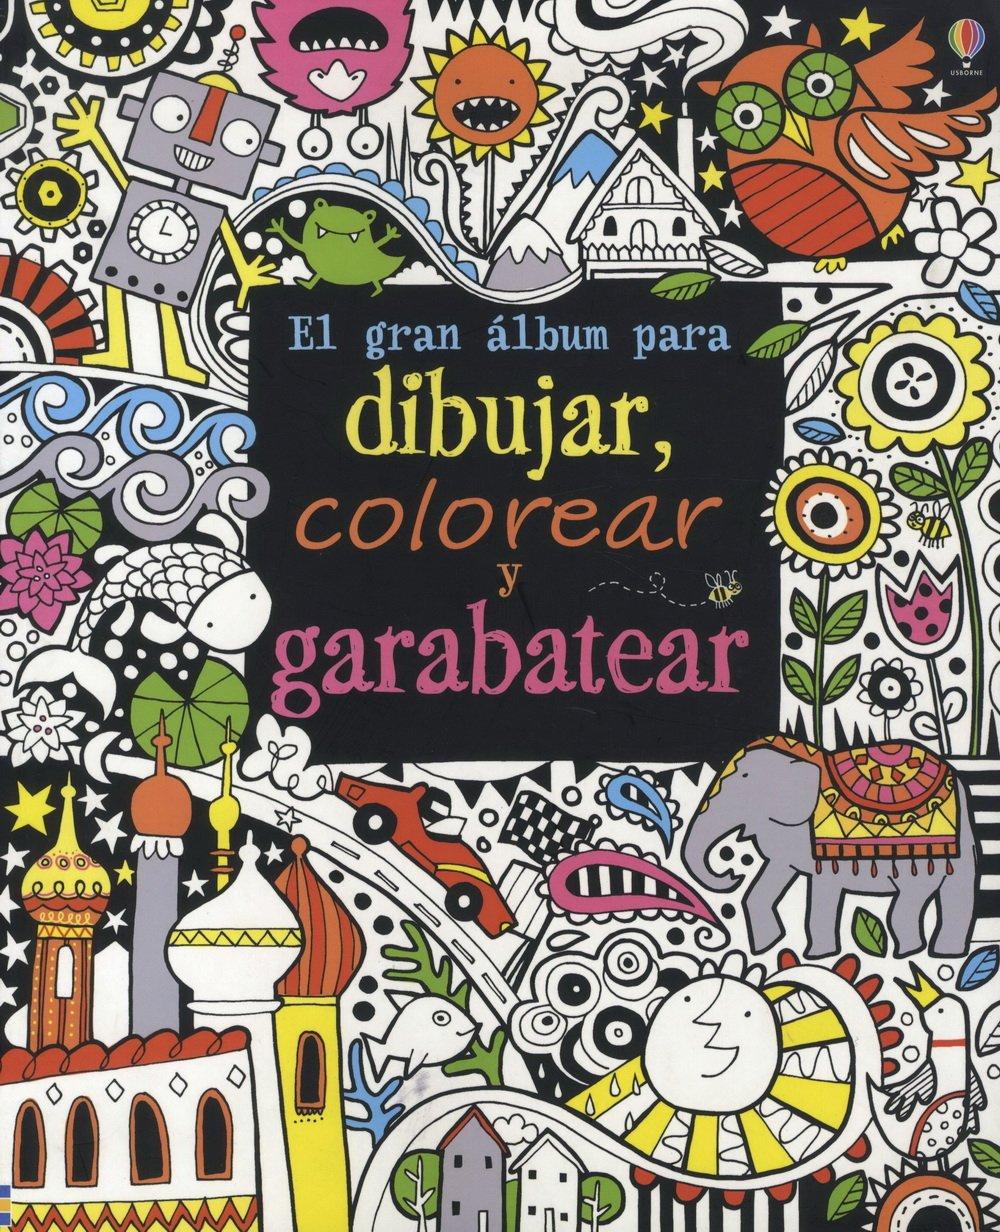 Gran album para colorear y garabatear, el: Amazon.es: Aa.Vv.: Libros